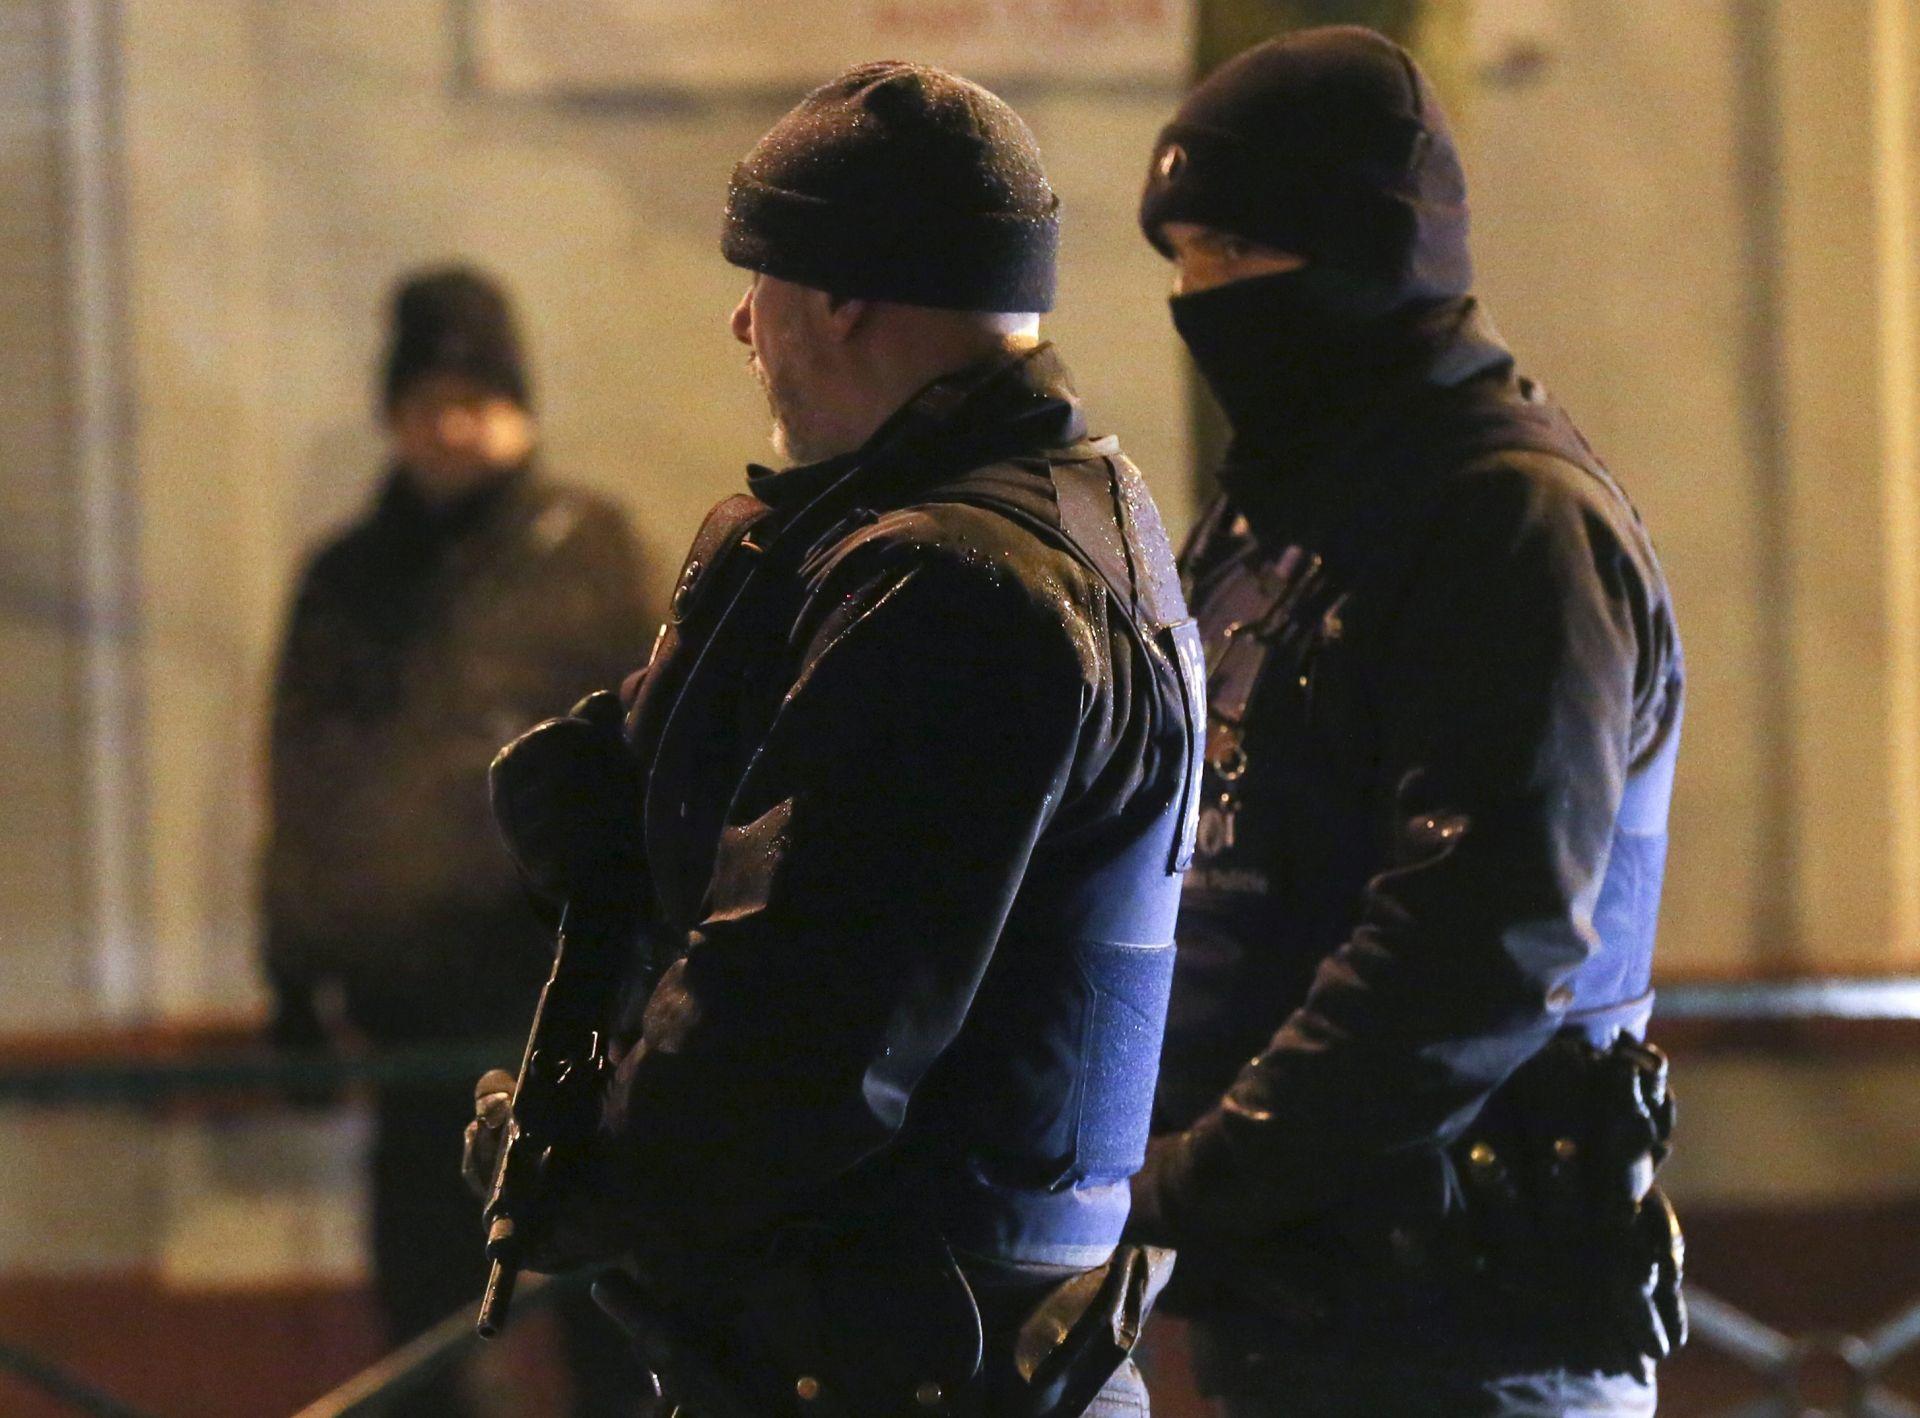 Muškarac upucan u Bruxellesu nakon što je napao vojnike nožem